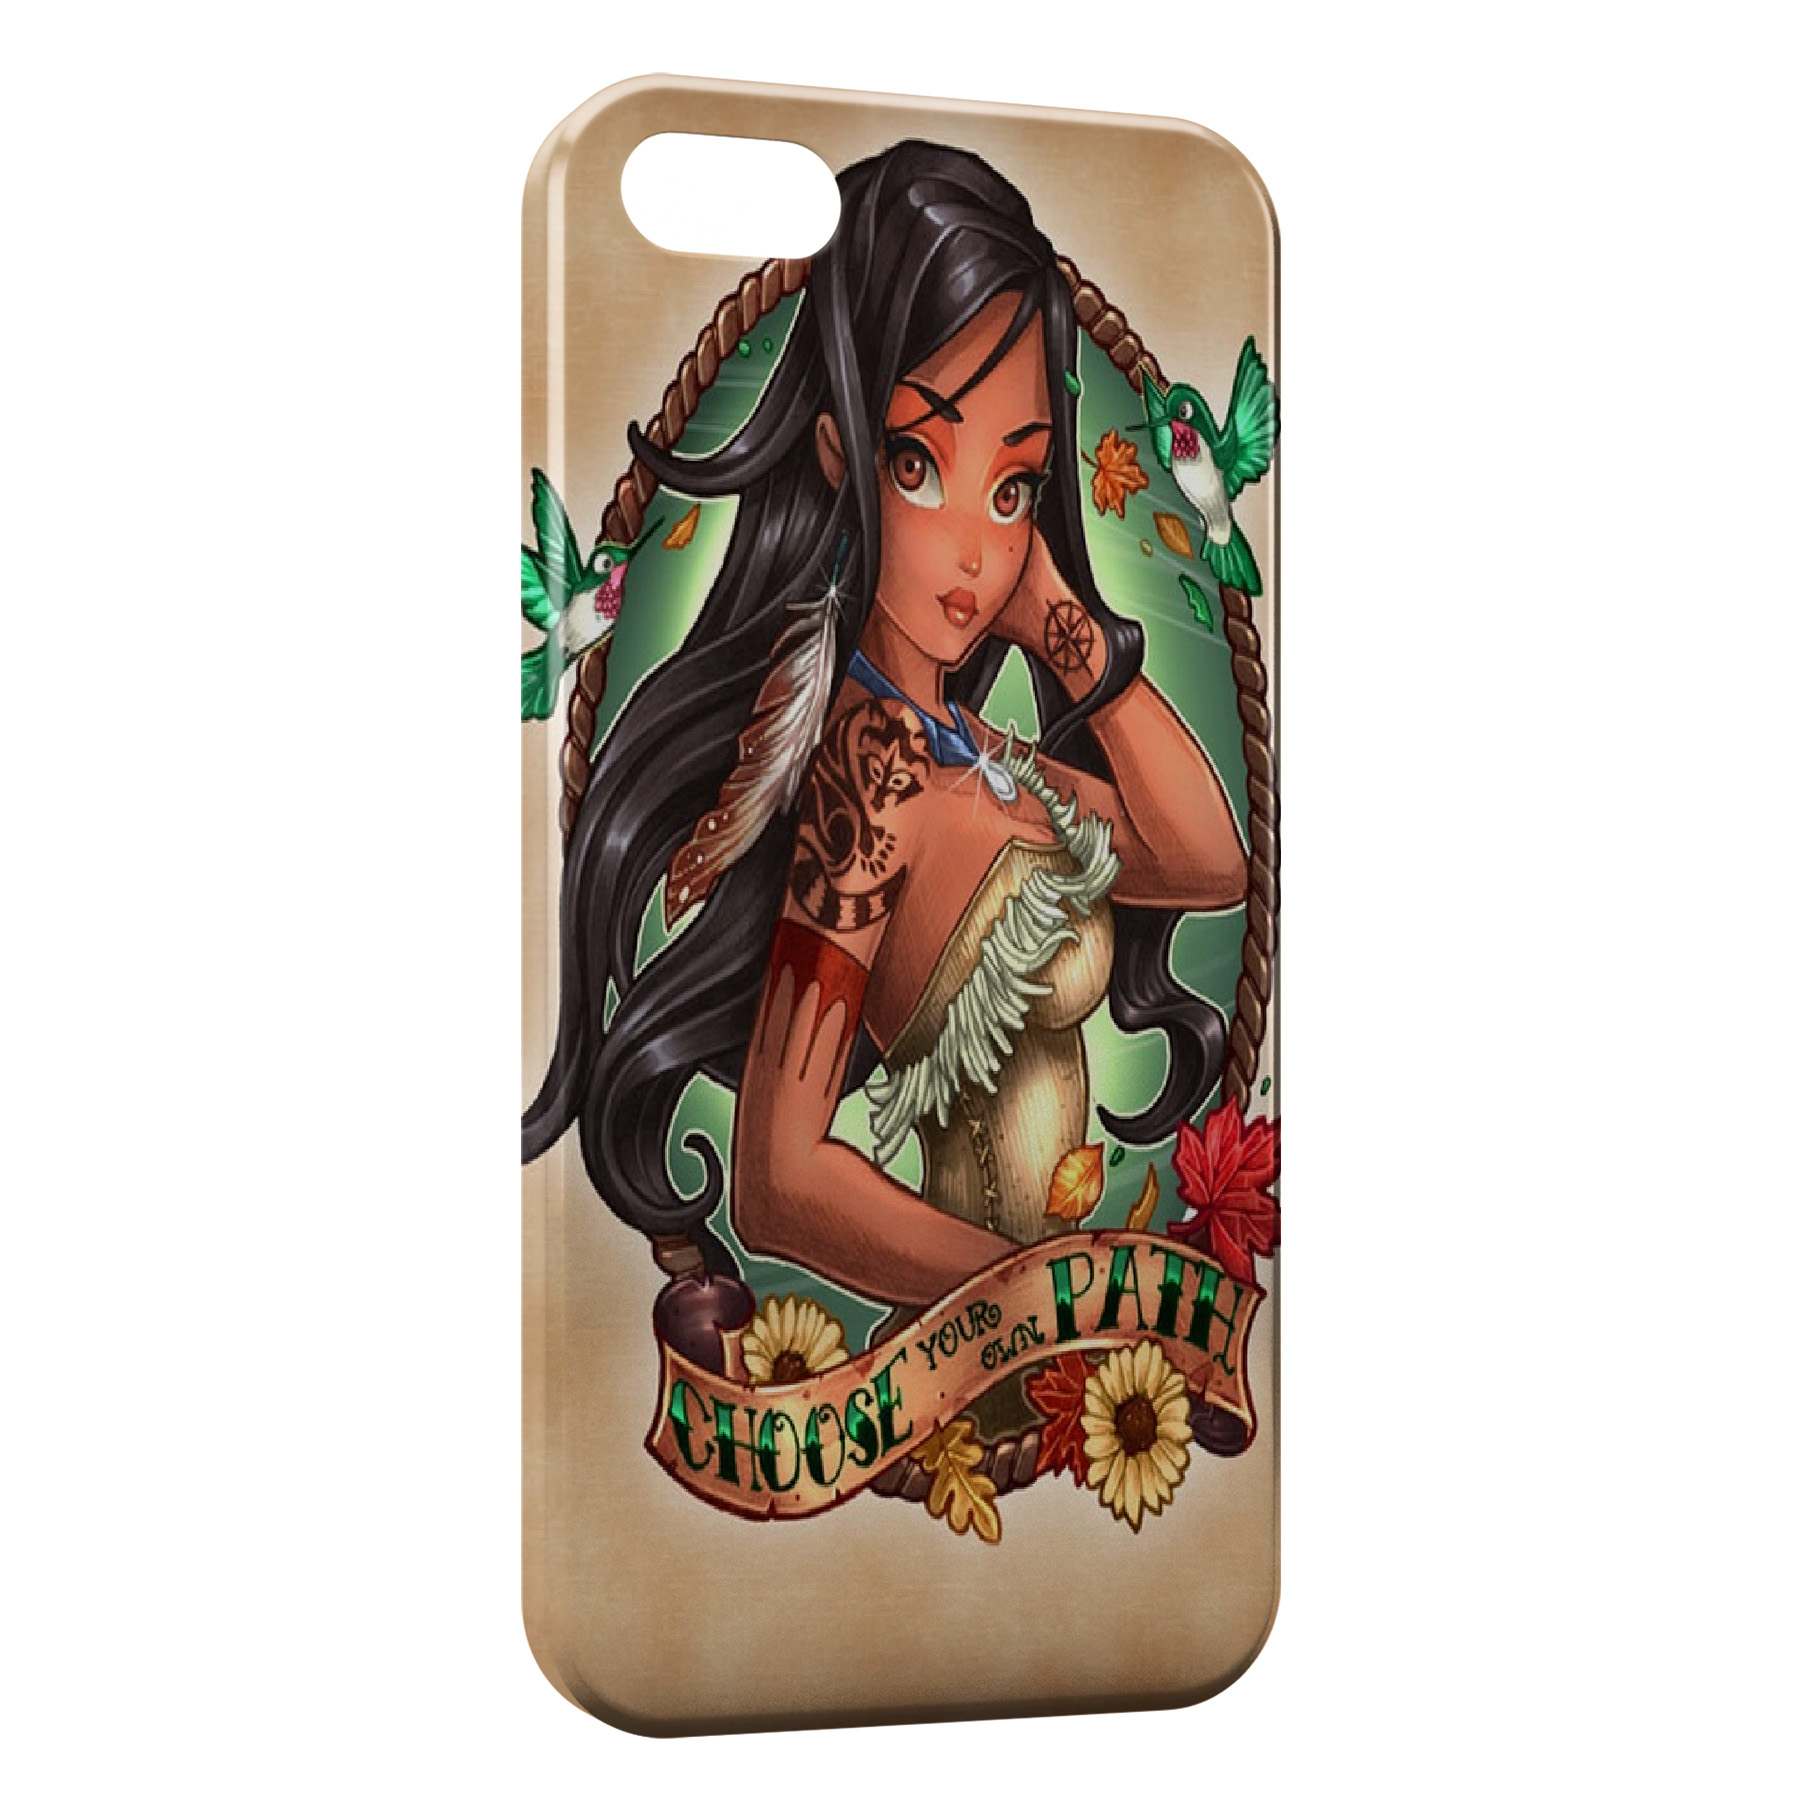 Coque iPhone 7 & 7 Plus Pocahontas Punk